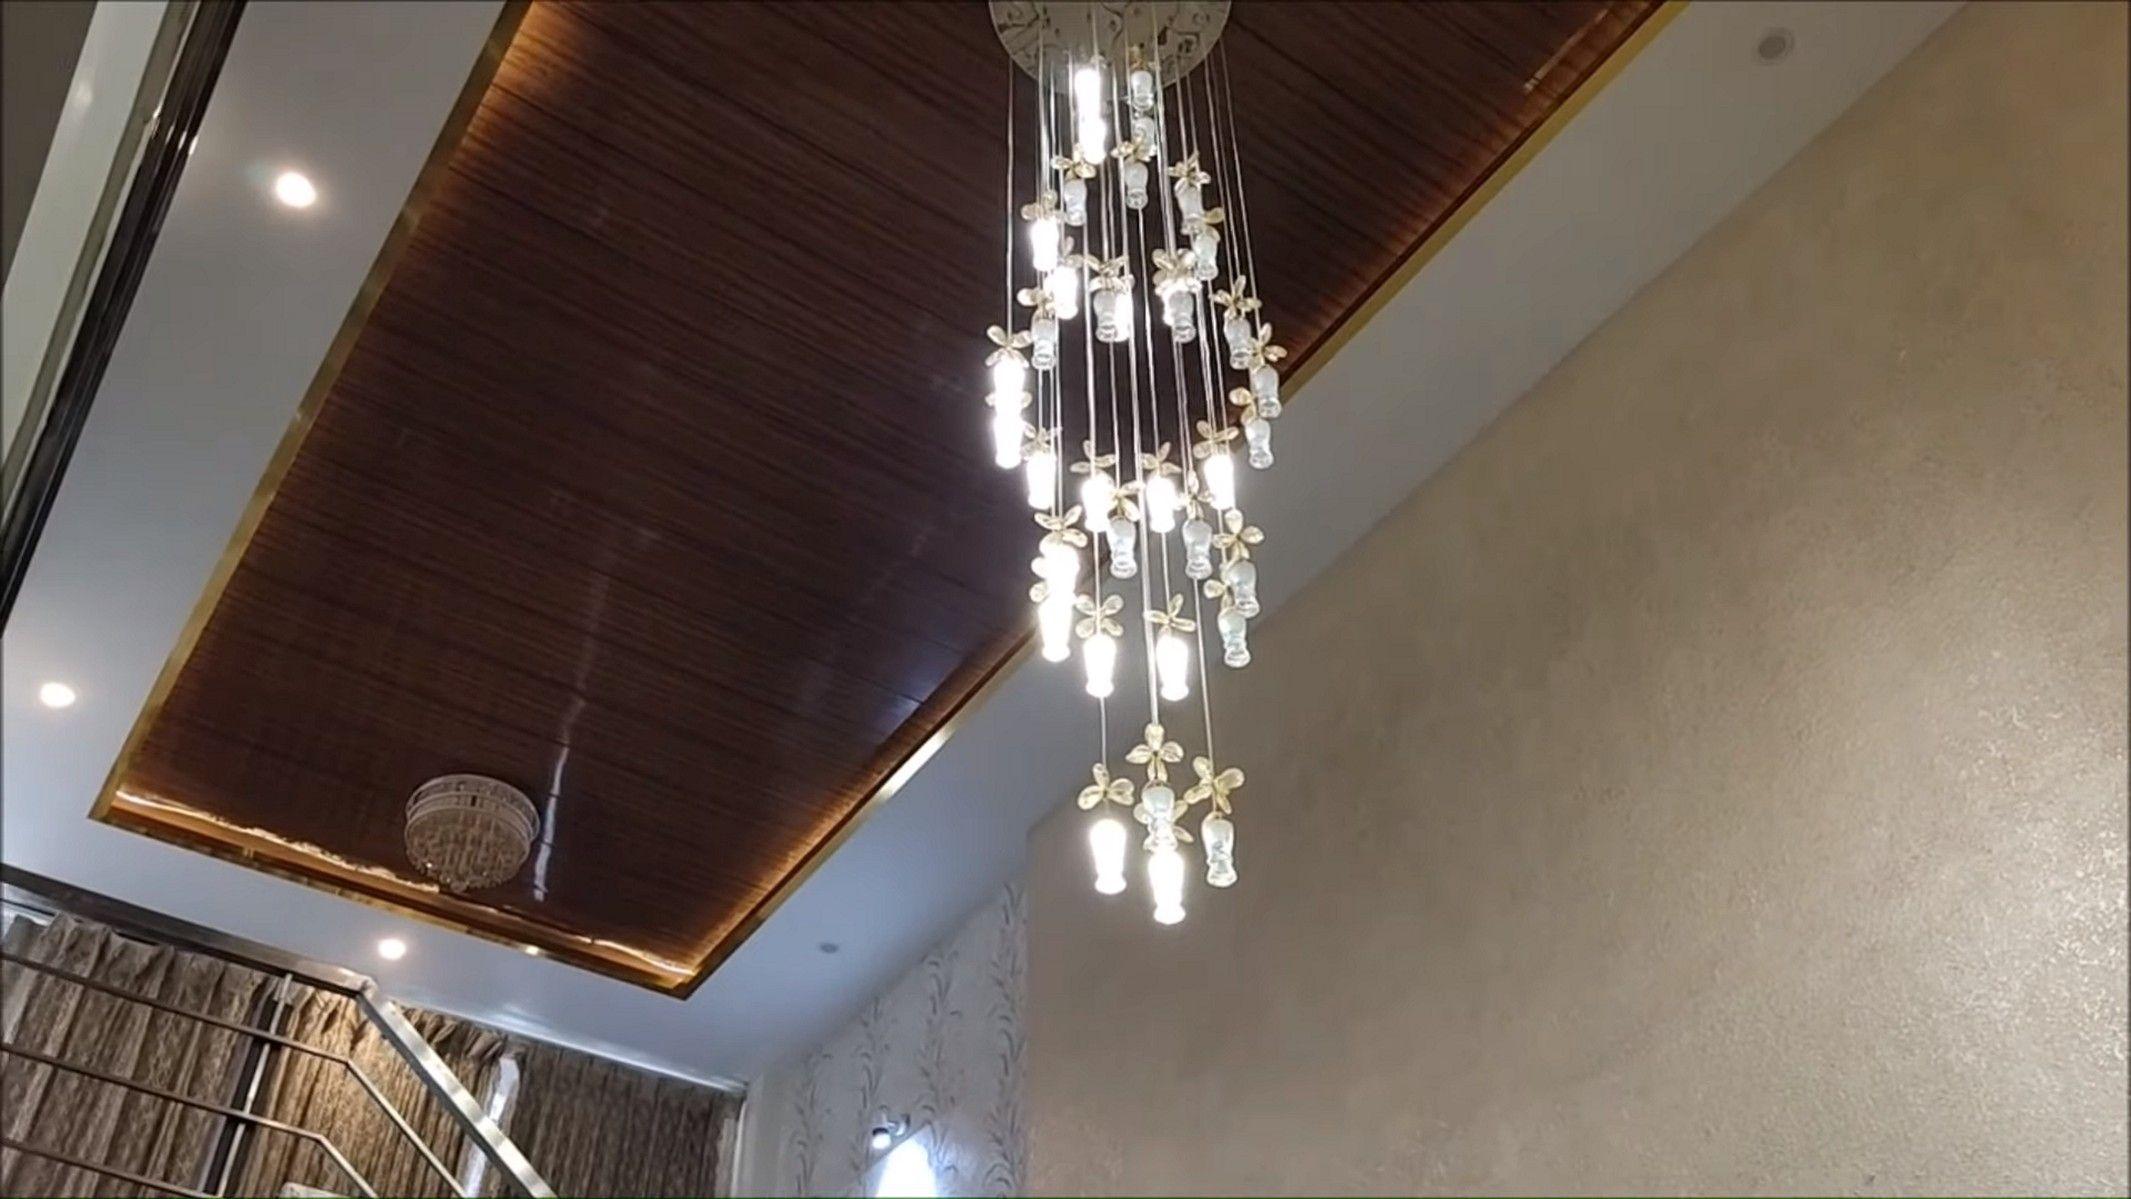 Hanged Glass Tube Lamps Design For Living Room Lamp Design Tube Lamp Living Room Designs #tube #lights #for #living #room